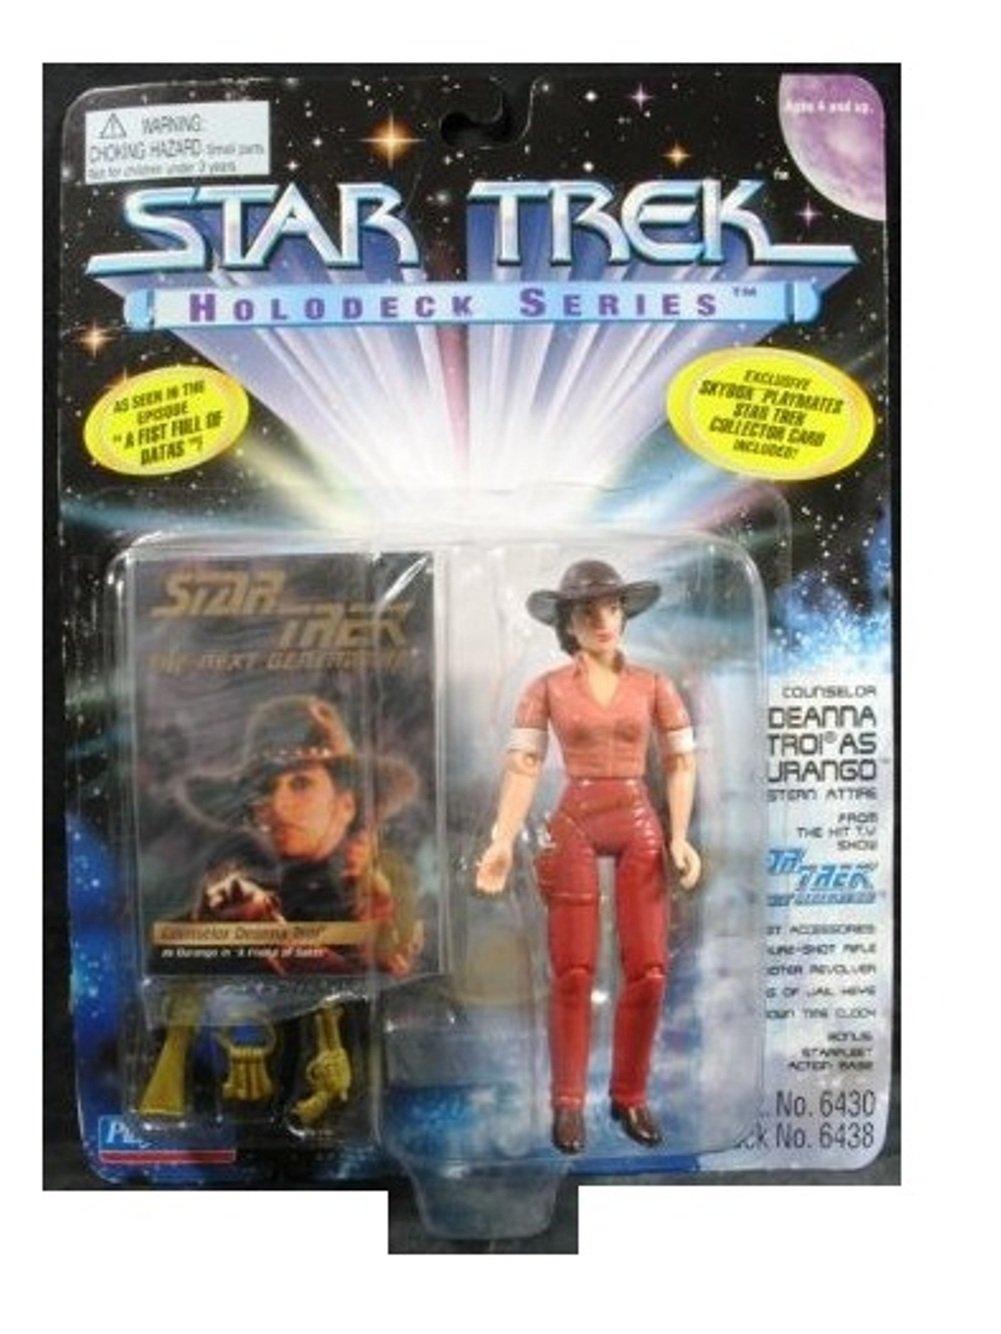 Star Trek Holodeck Series Deanna Troi As Durango